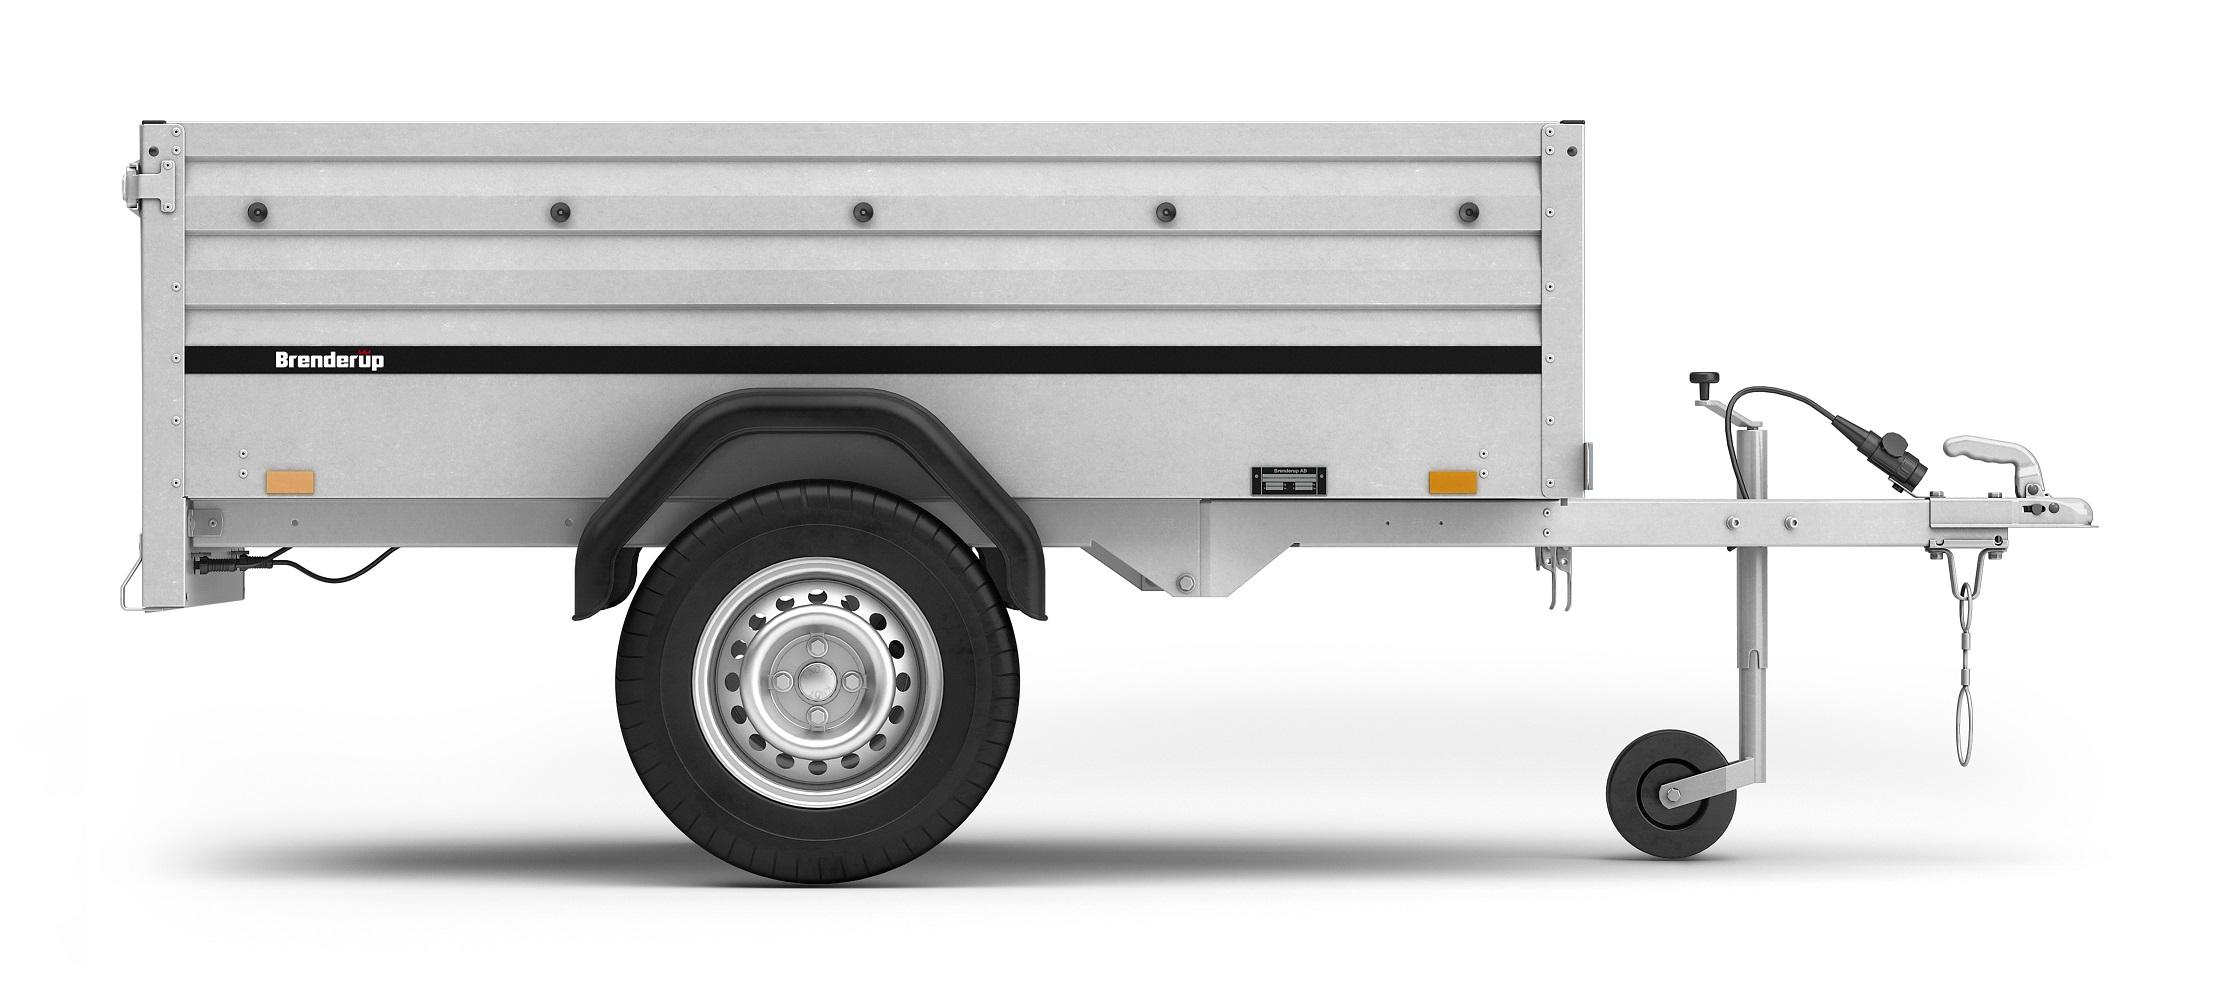 brenderup 1205 sxlub 750 kg ankippbar azo anh nger. Black Bedroom Furniture Sets. Home Design Ideas